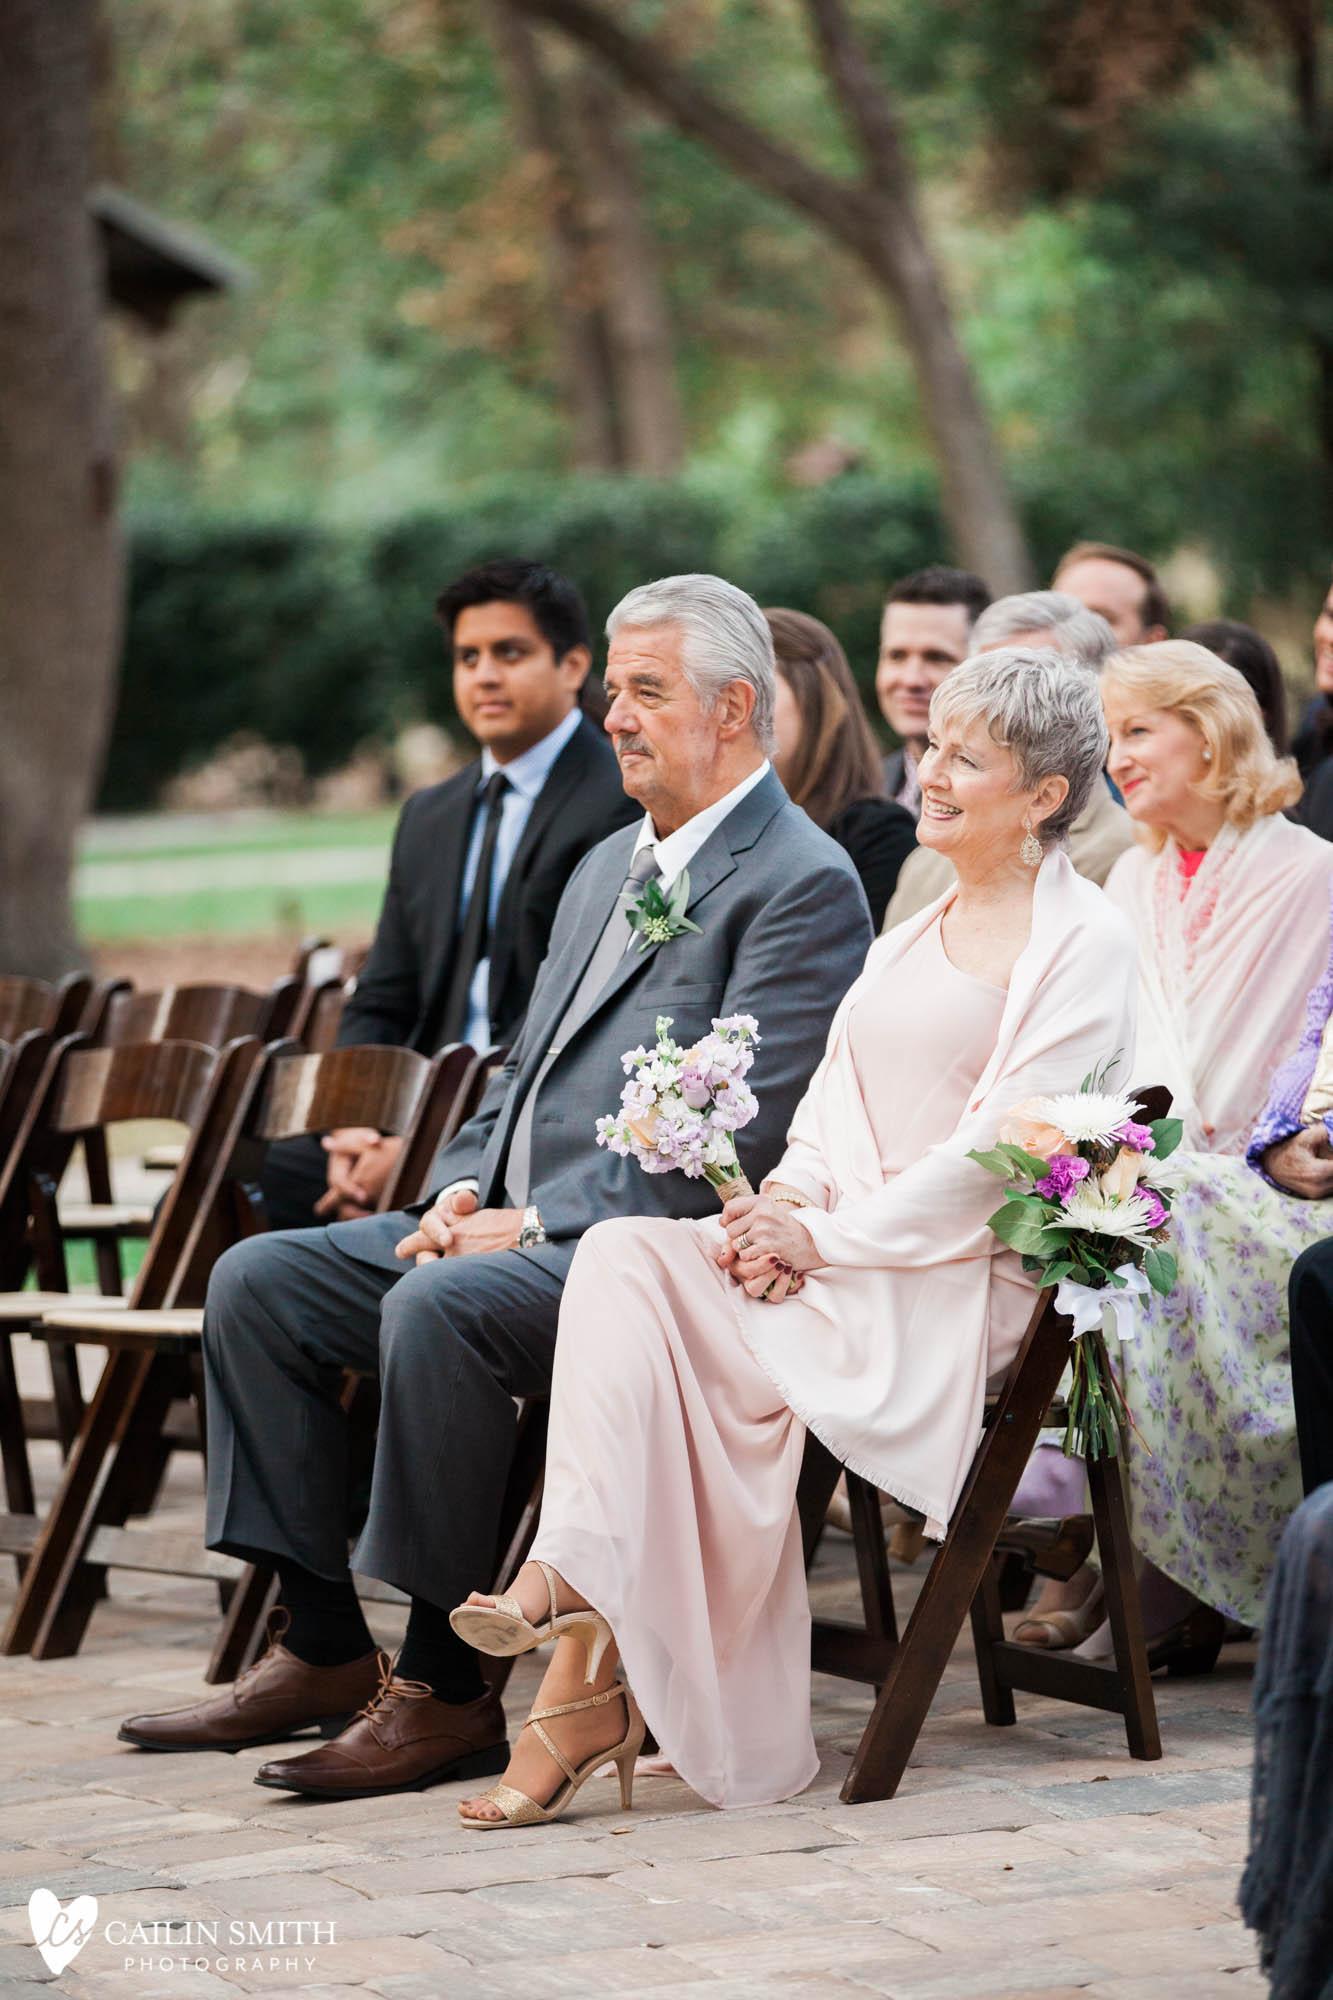 Sylvia_Anthony_Bowing_Oaks_Plantation_Wedding_Photography_0048.jpg